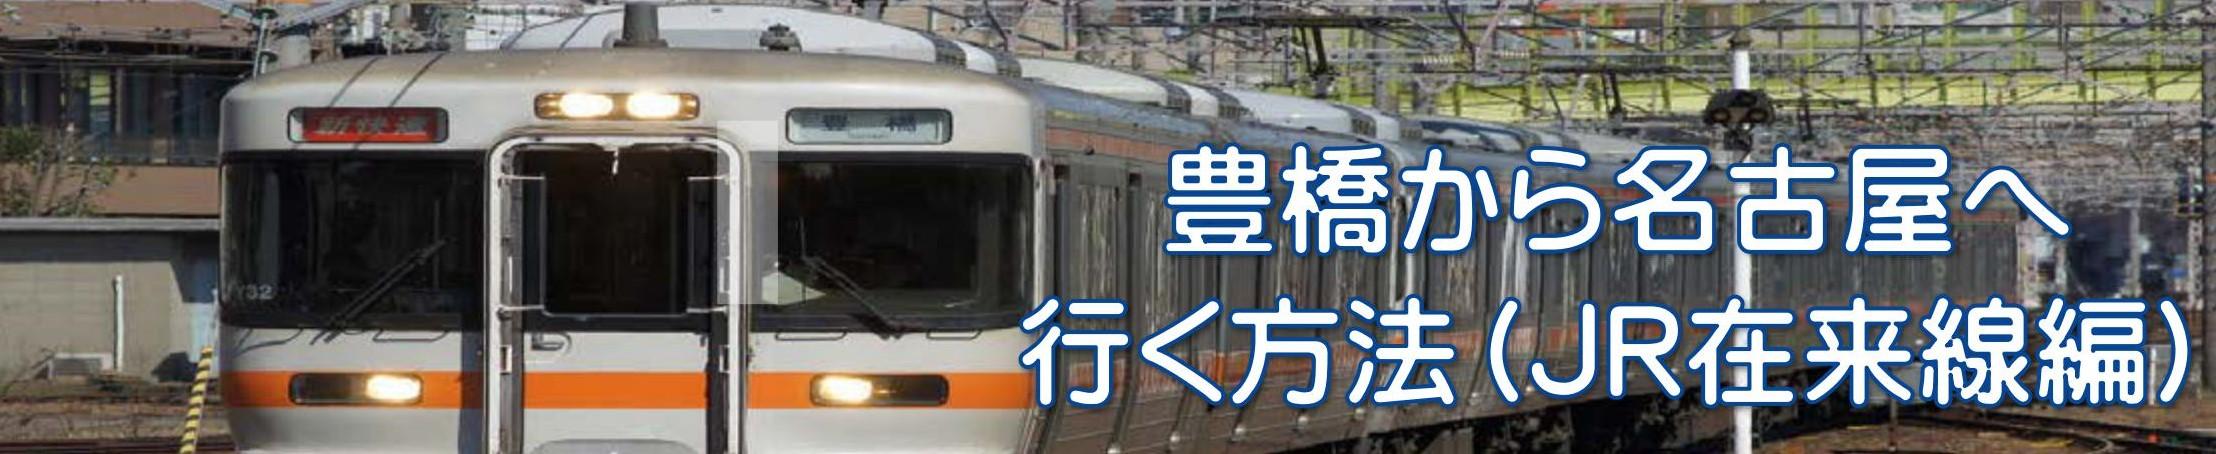 金券ショップフリーチケット豊橋西駅・名鉄で豊橋から名古屋へ